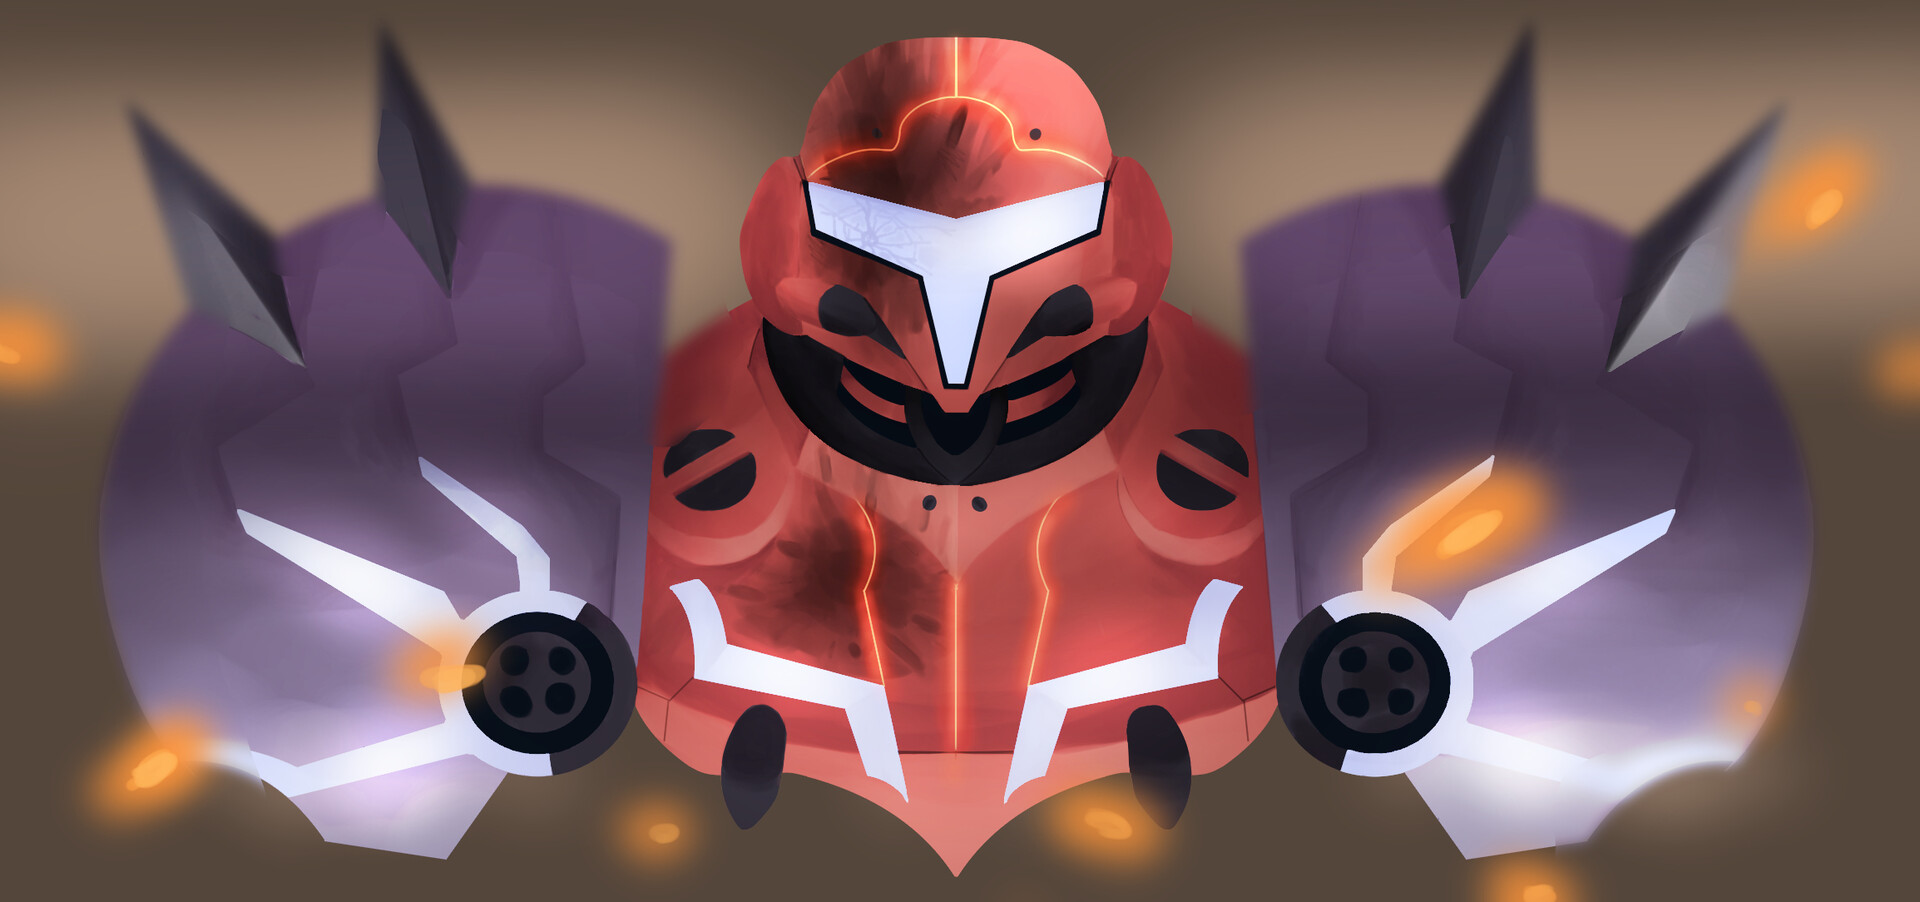 Artstation Samus Aran Full Power Suit Manis Arcturus